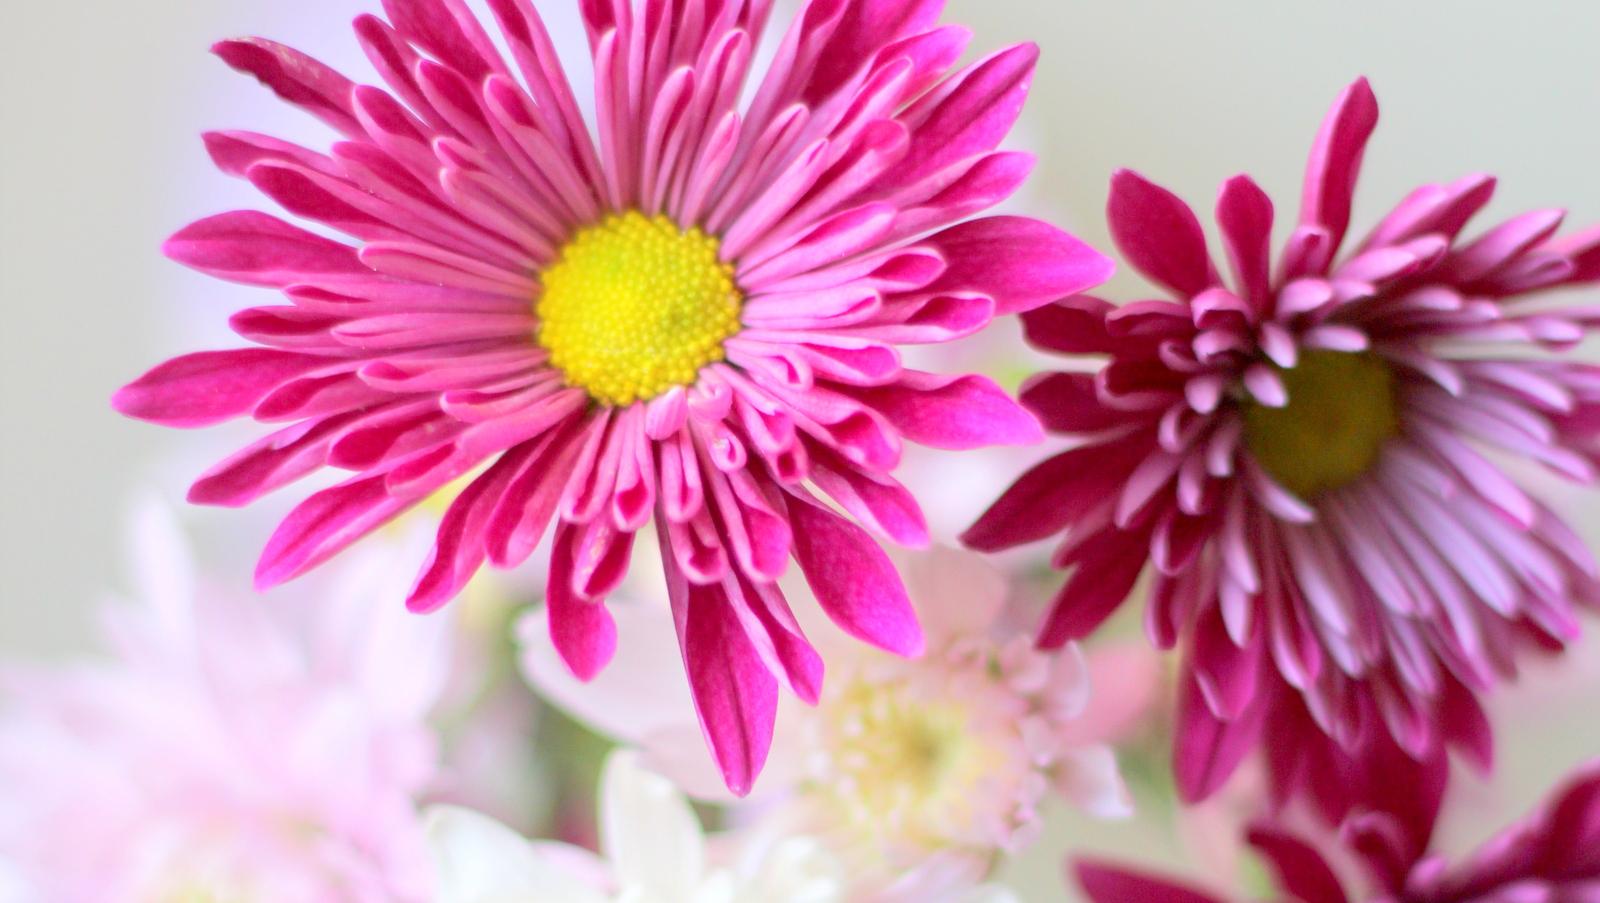 פרח דליה Dahlia בלוג עיצוב מיס גרות צילום לירון גונן (20)